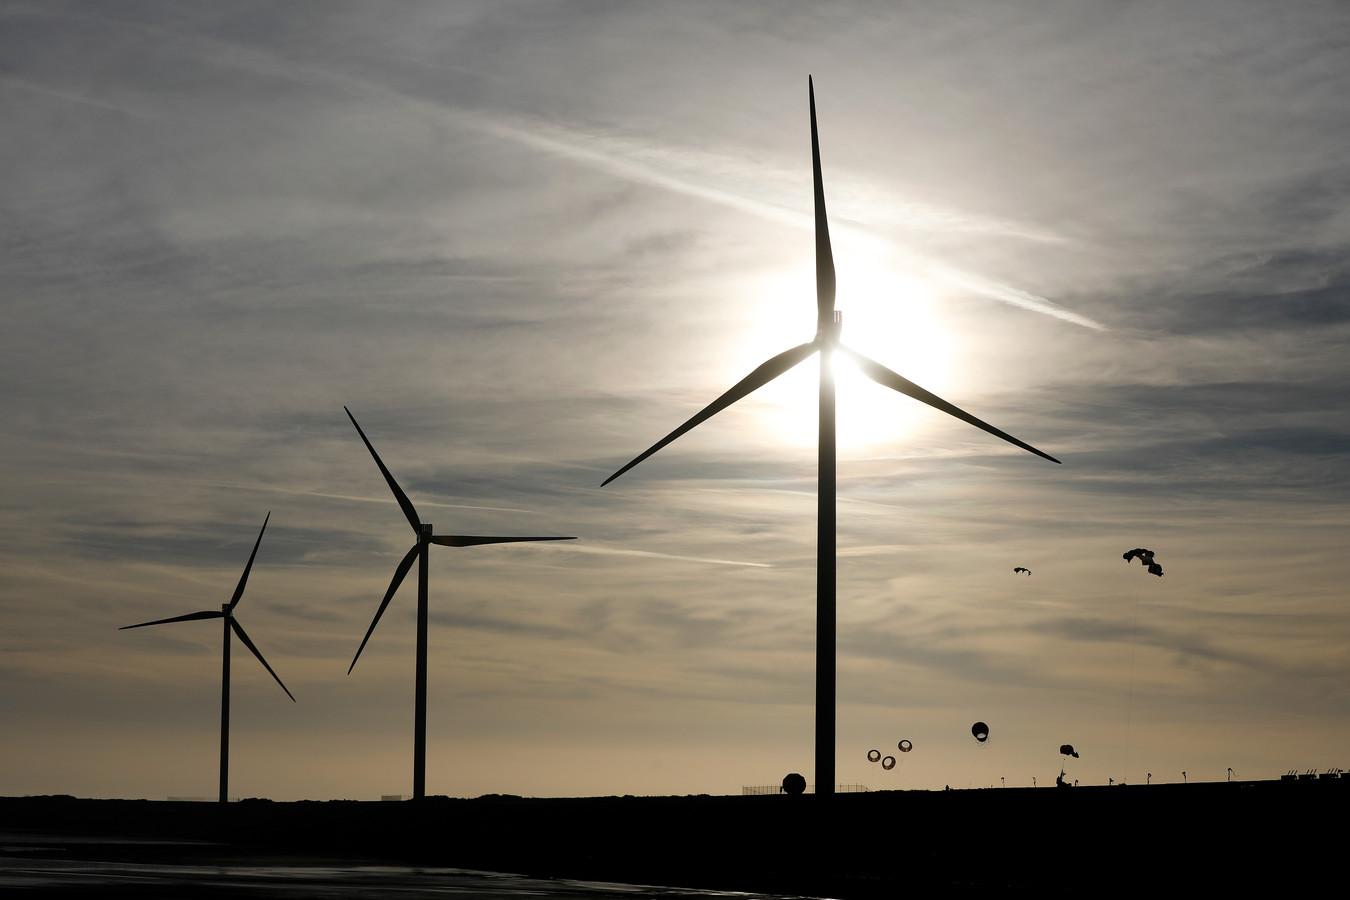 Er zijn straks zo veel windmolens en zonnepanelen, dat het stroomnet het niet meer aan kan.